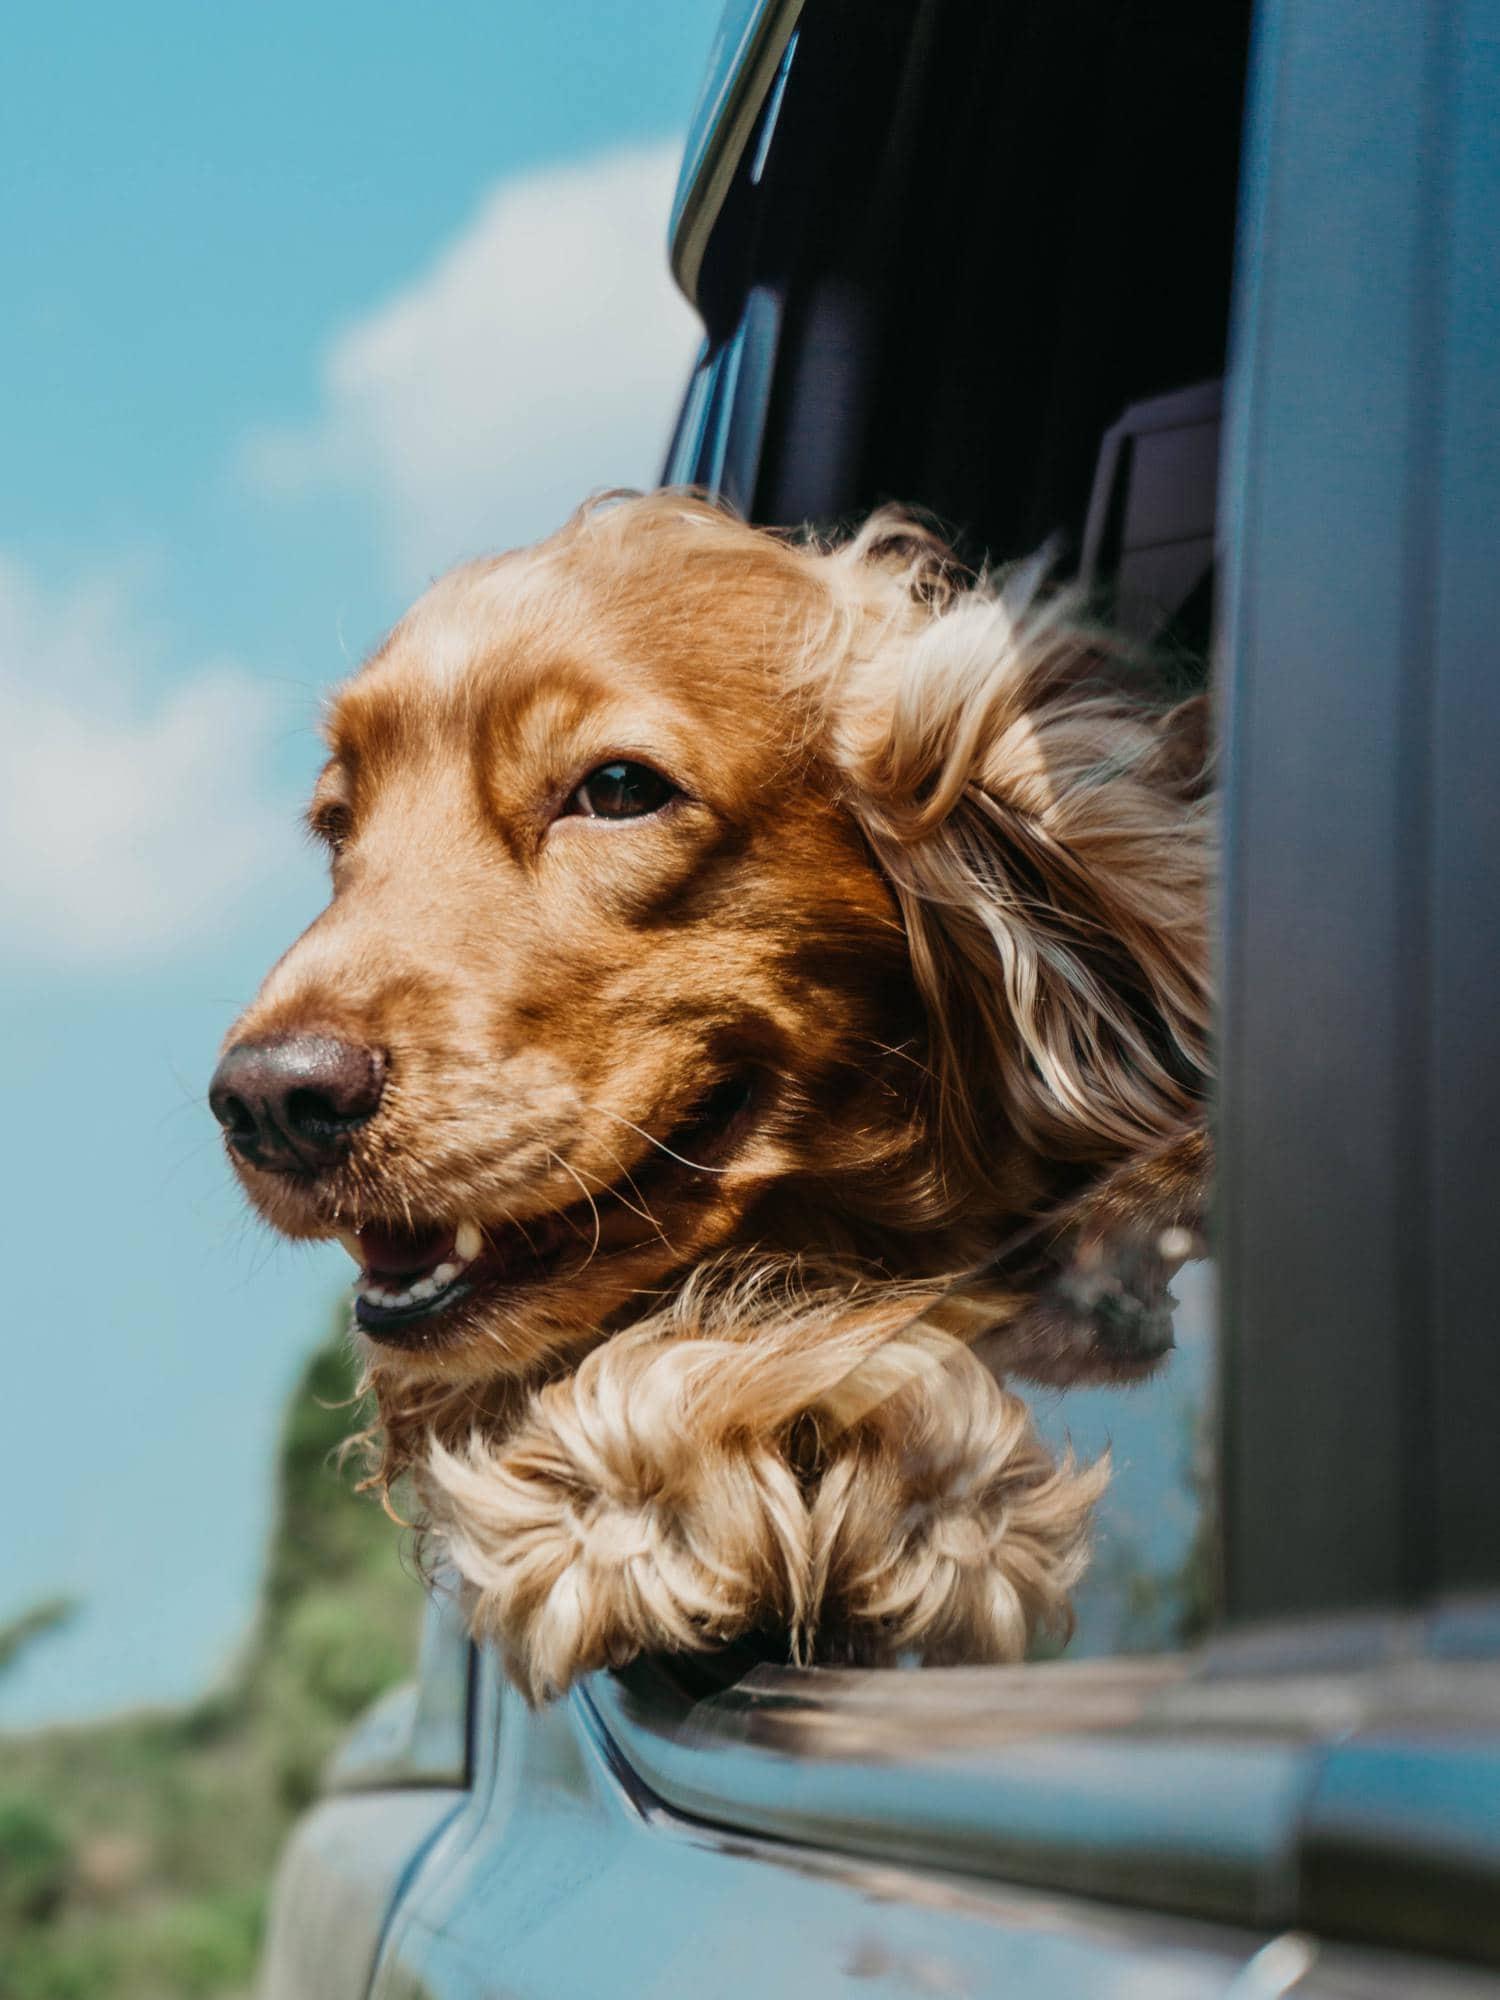 foto de perro asomando por la ventana del coche